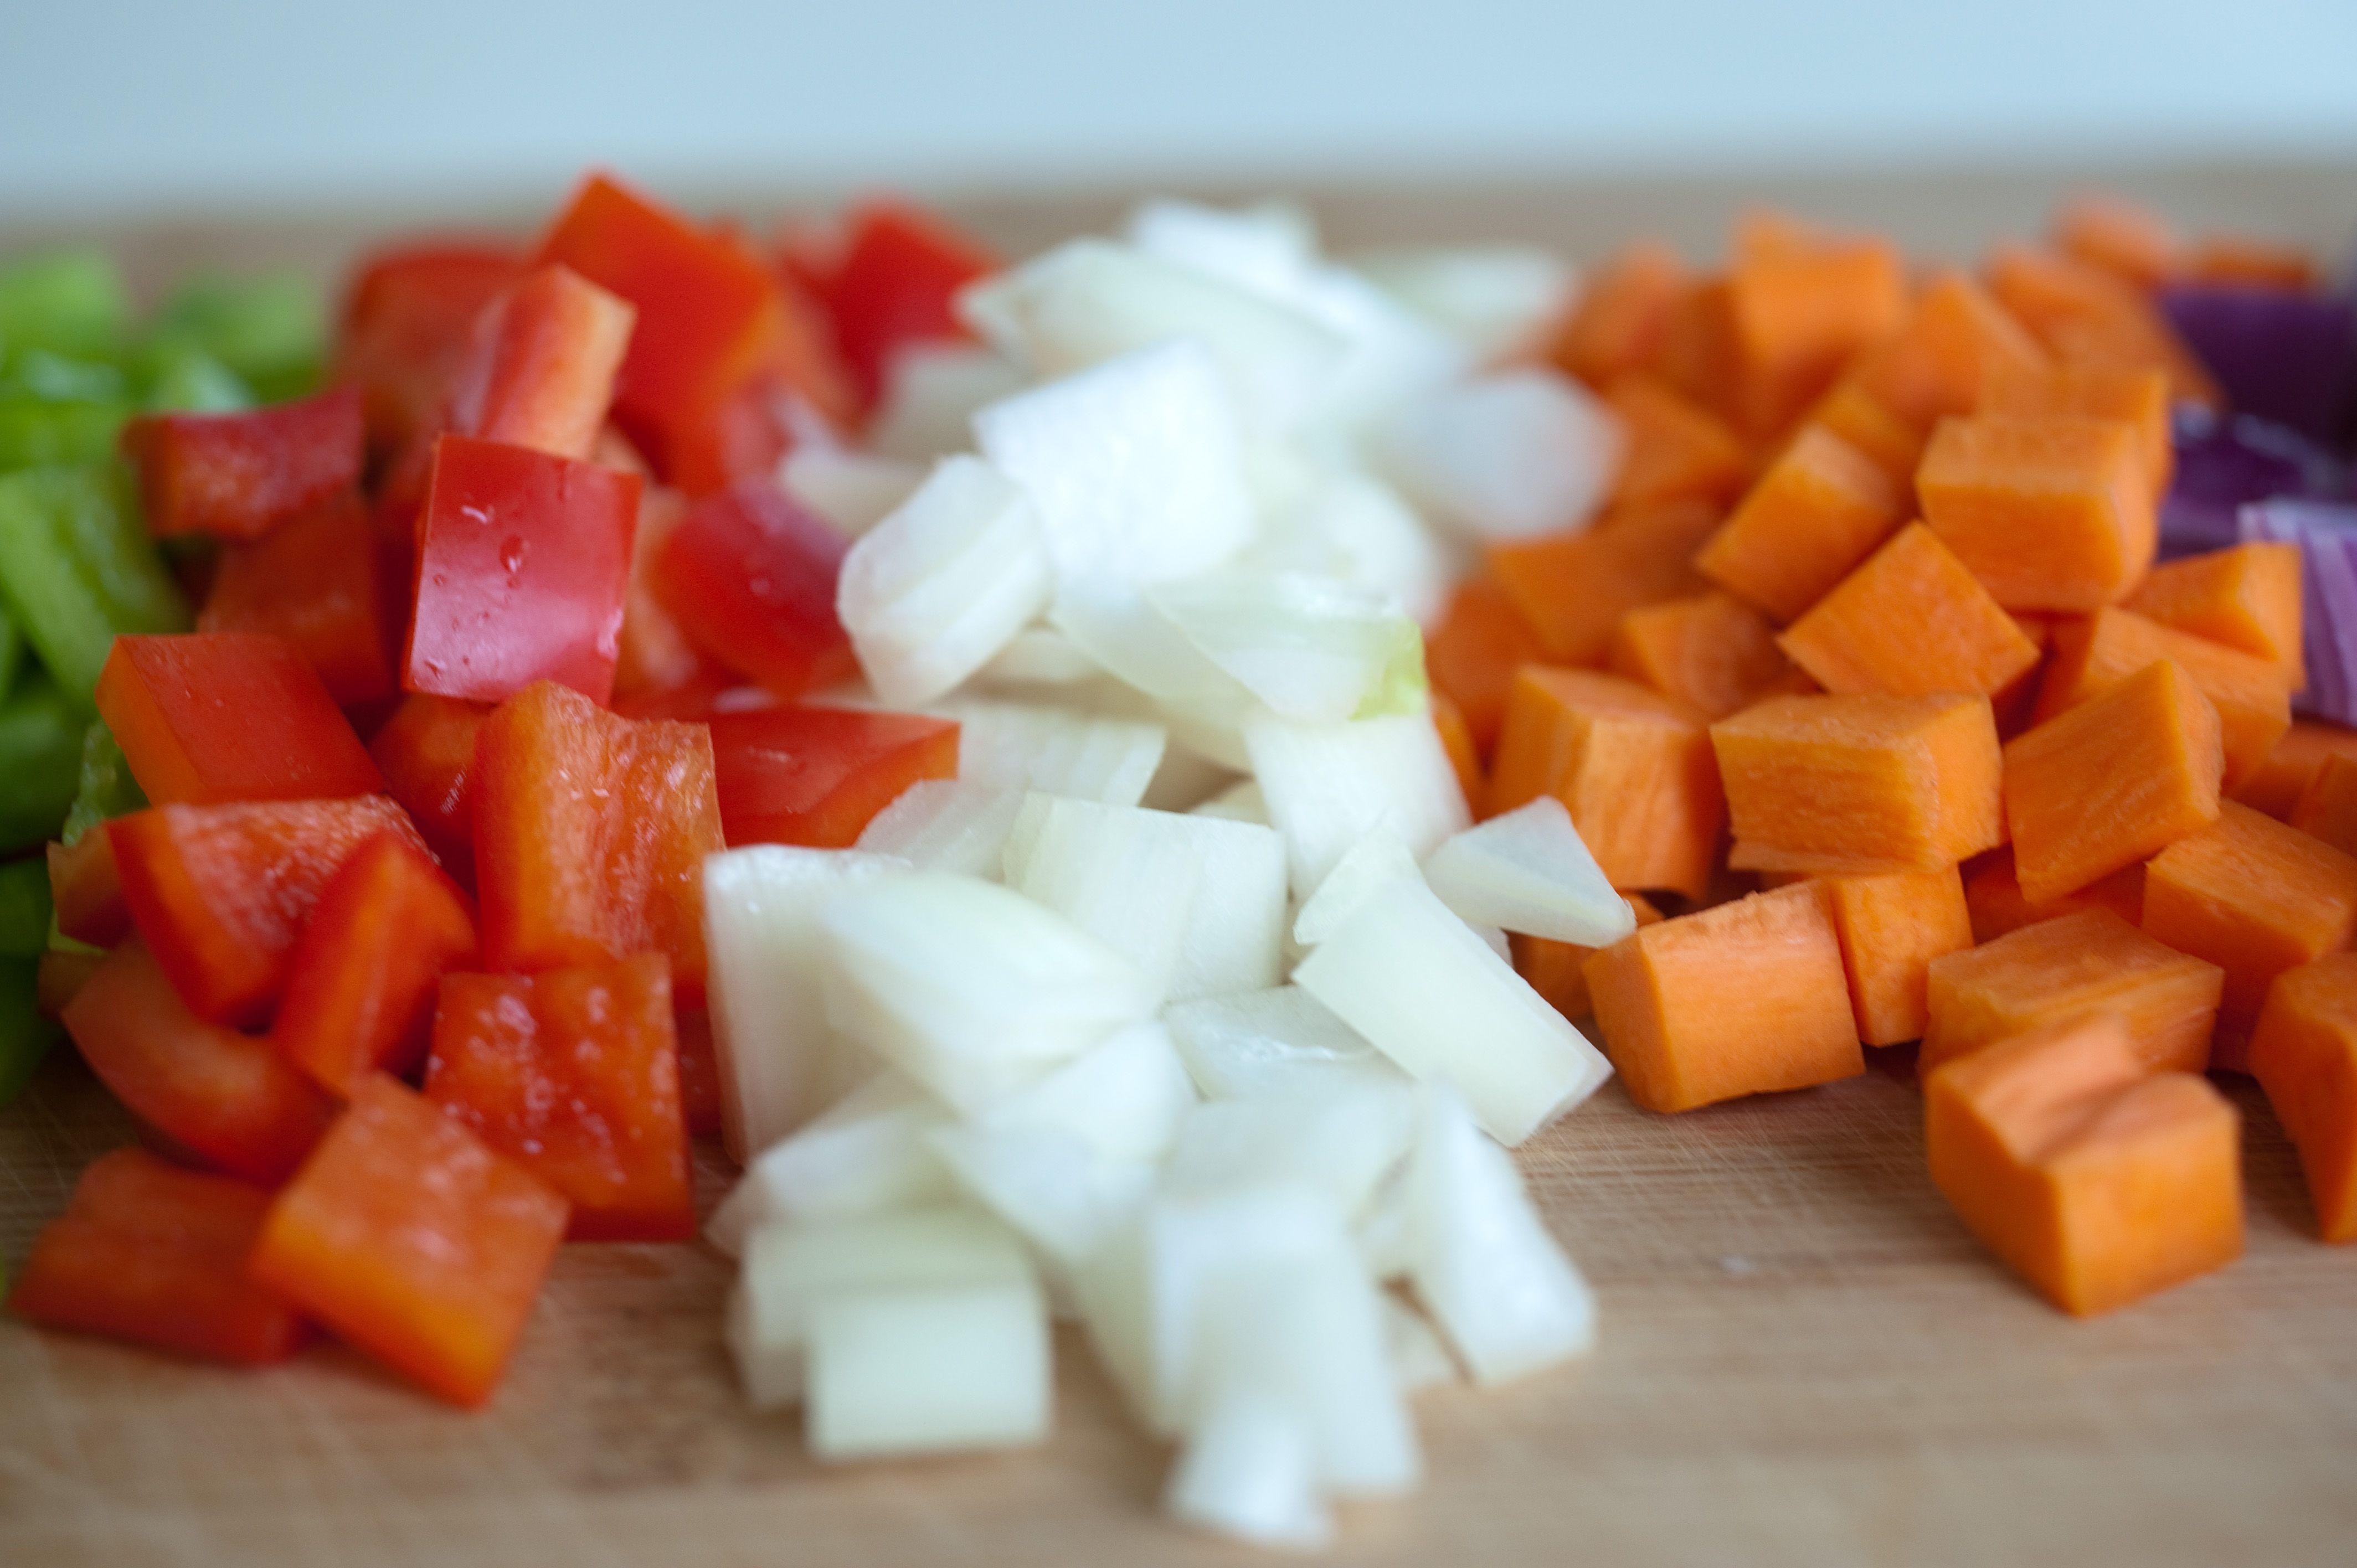 diced vegetables | Fruits & Vegetables | Pinterest